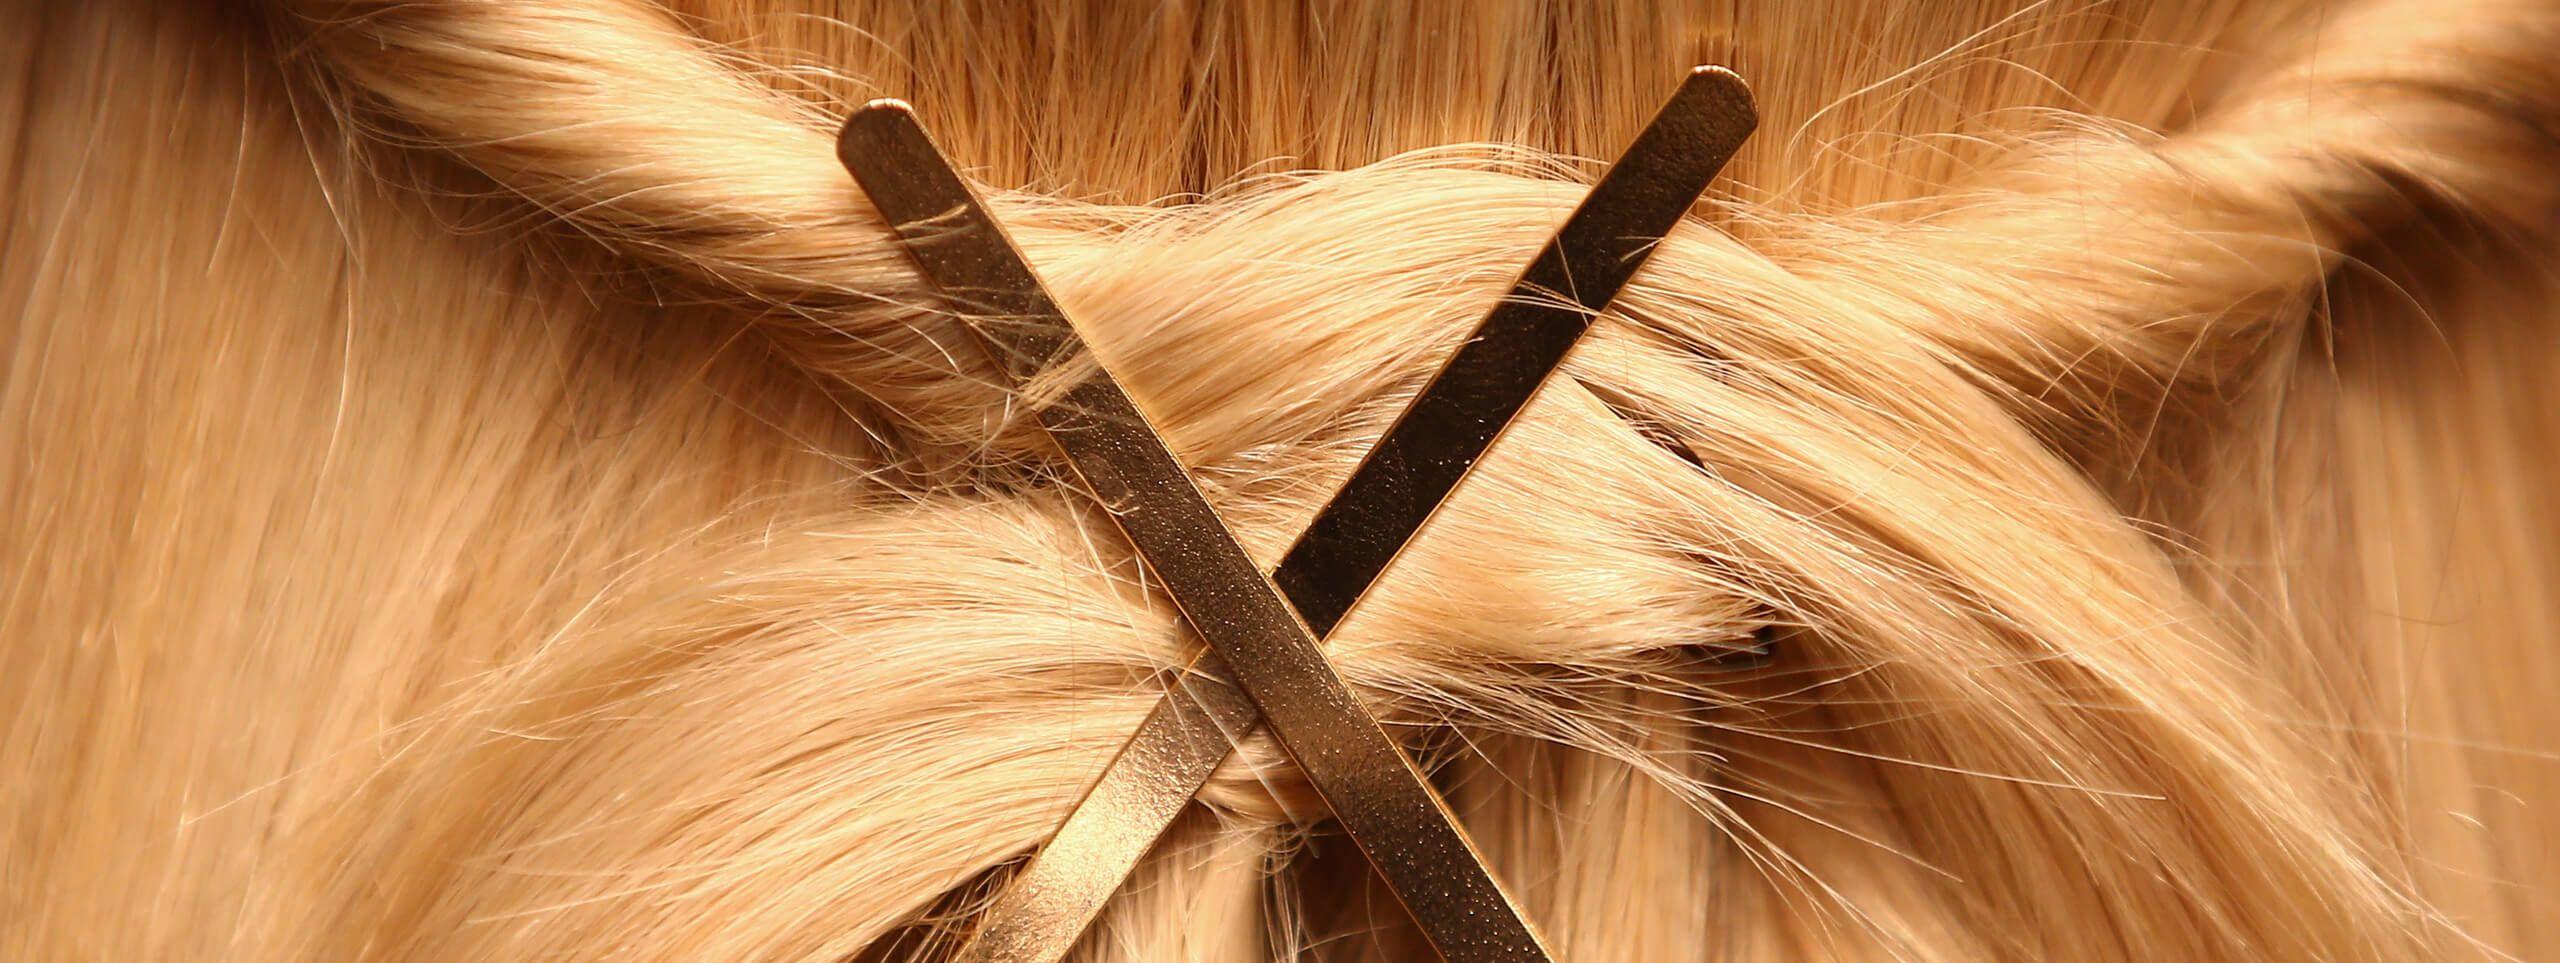 Accessori per capelli: capelli biondi con forcine fermacapelli